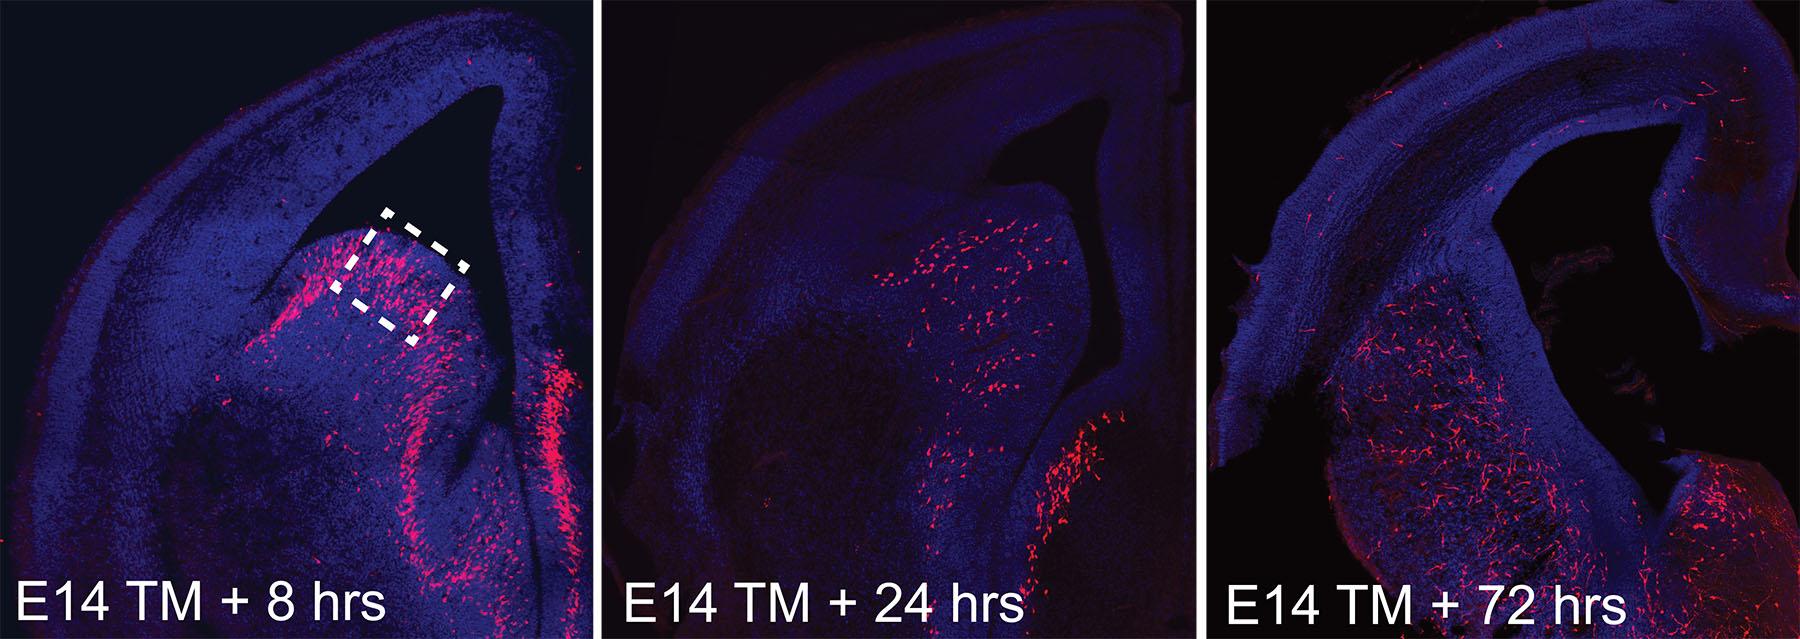 Эти изображения получены на14, 15 и17 день развития эмбриона. Наних видно, как формируется матричная часть полосатого тела. Видно, как подсвеченные красным нейроны постепенно мигрируют вцентр